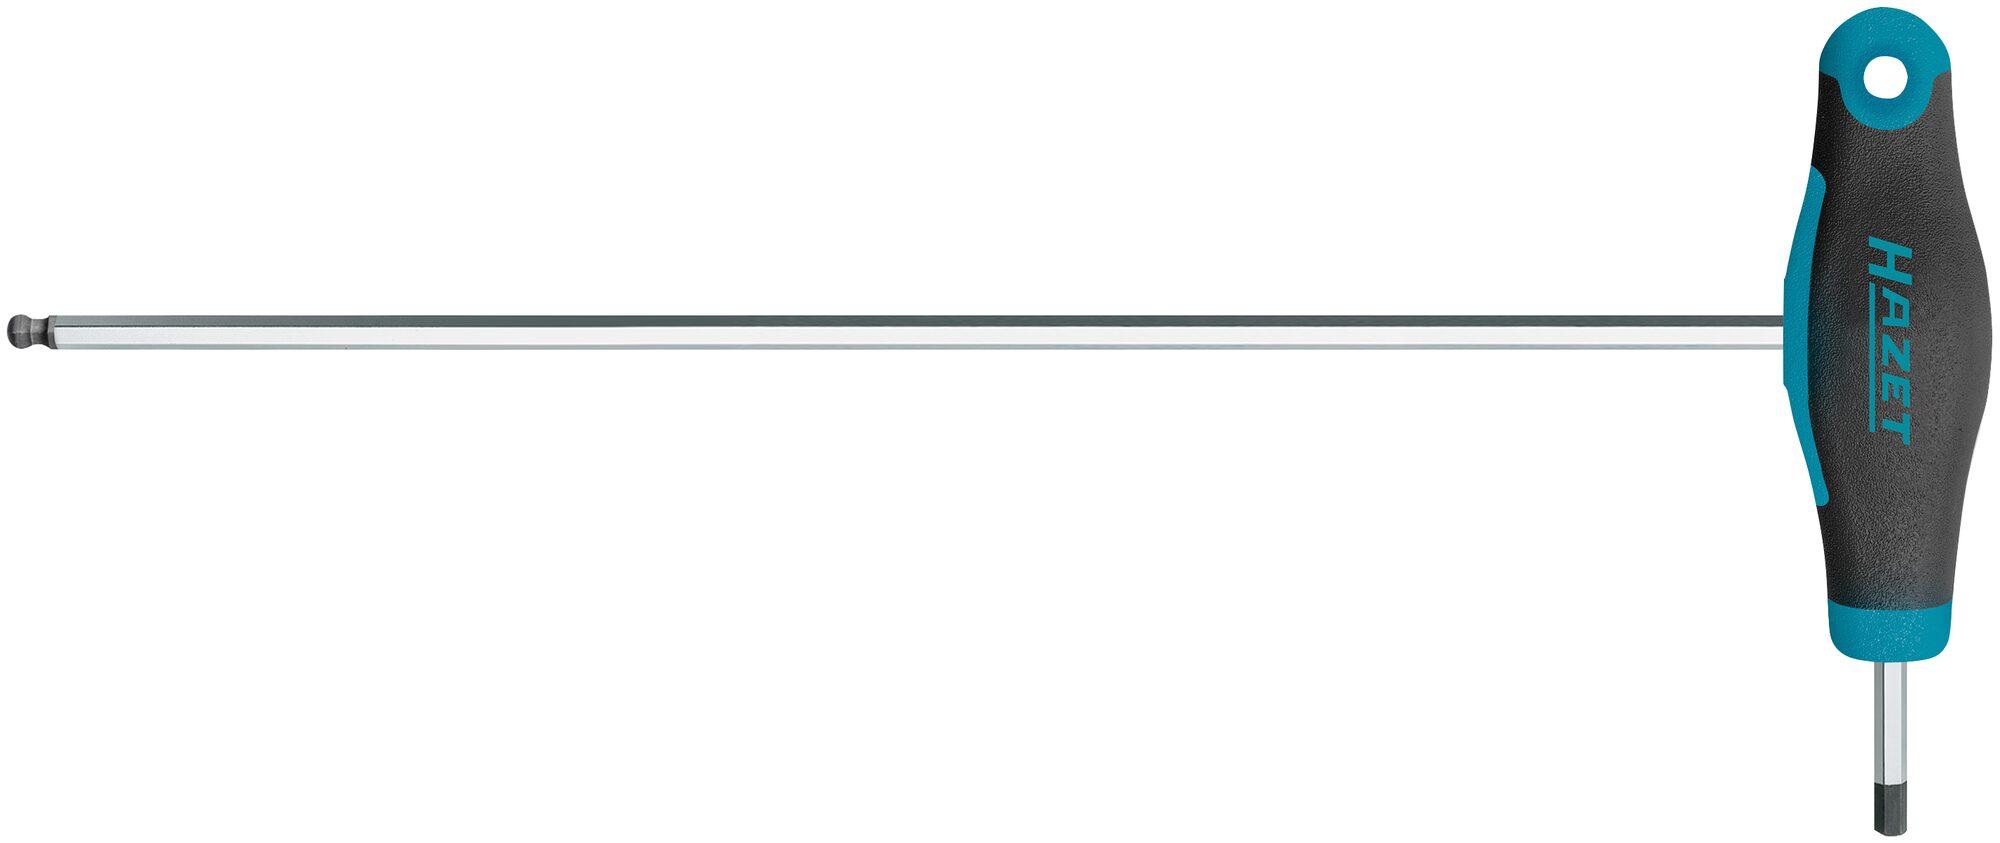 HAZET Schraubendreher ∙ mit T-Griff 829KK-3 ∙ Innen-Sechskant Profil ∙ 3 mm